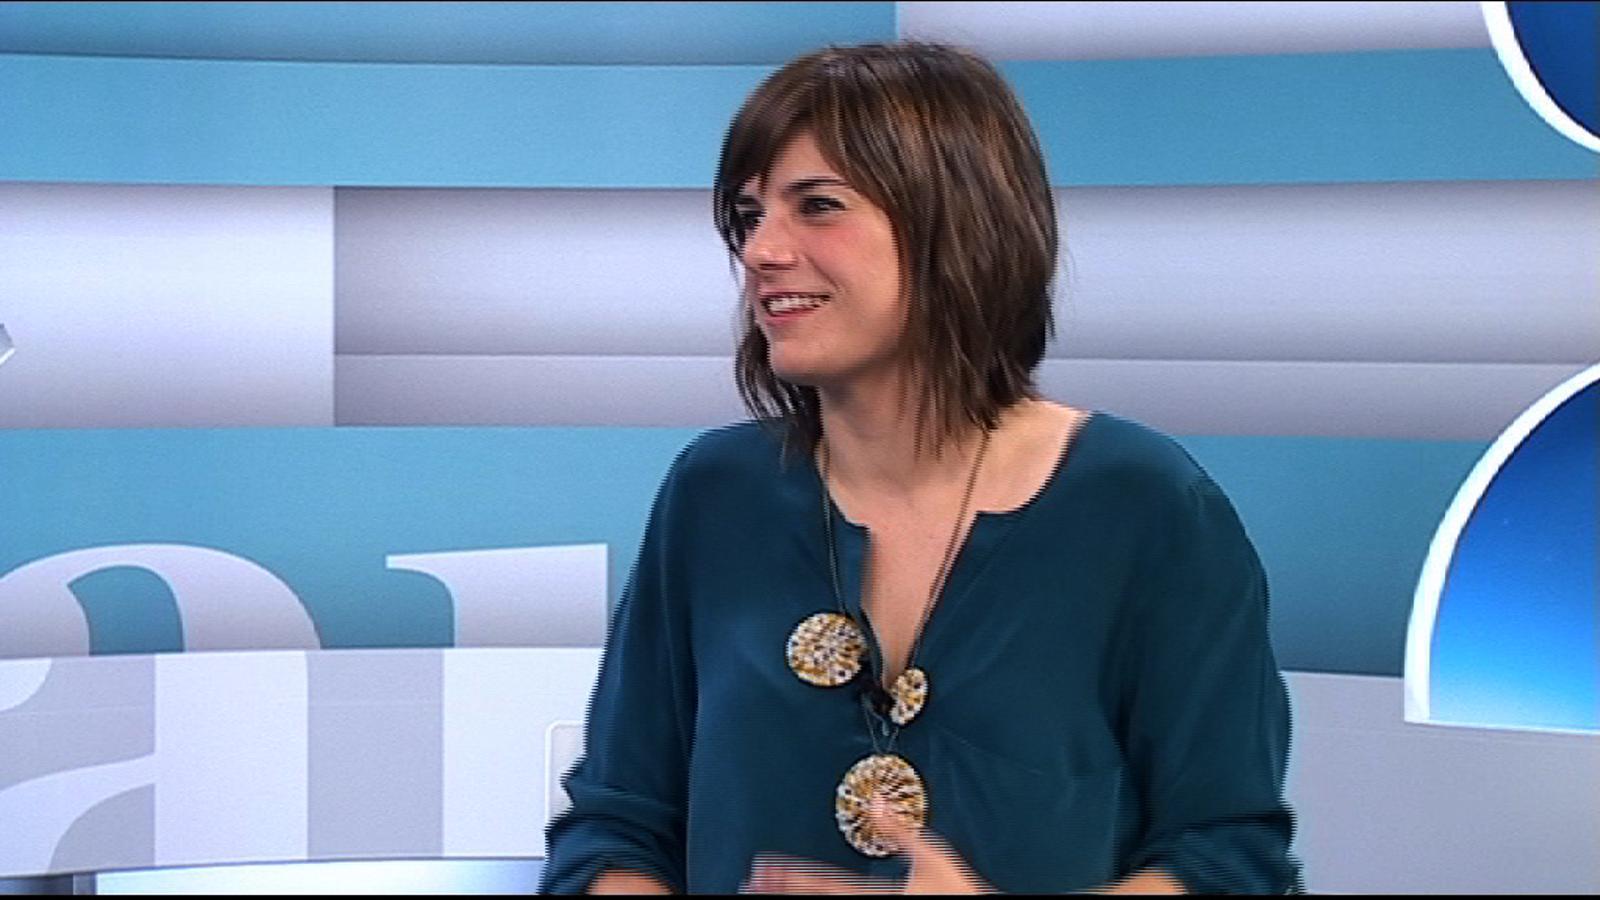 Ariadna Oltra: Quan faig una entrevista, hi ha molt pocs casos que em plantegi: vull treure aquest titular